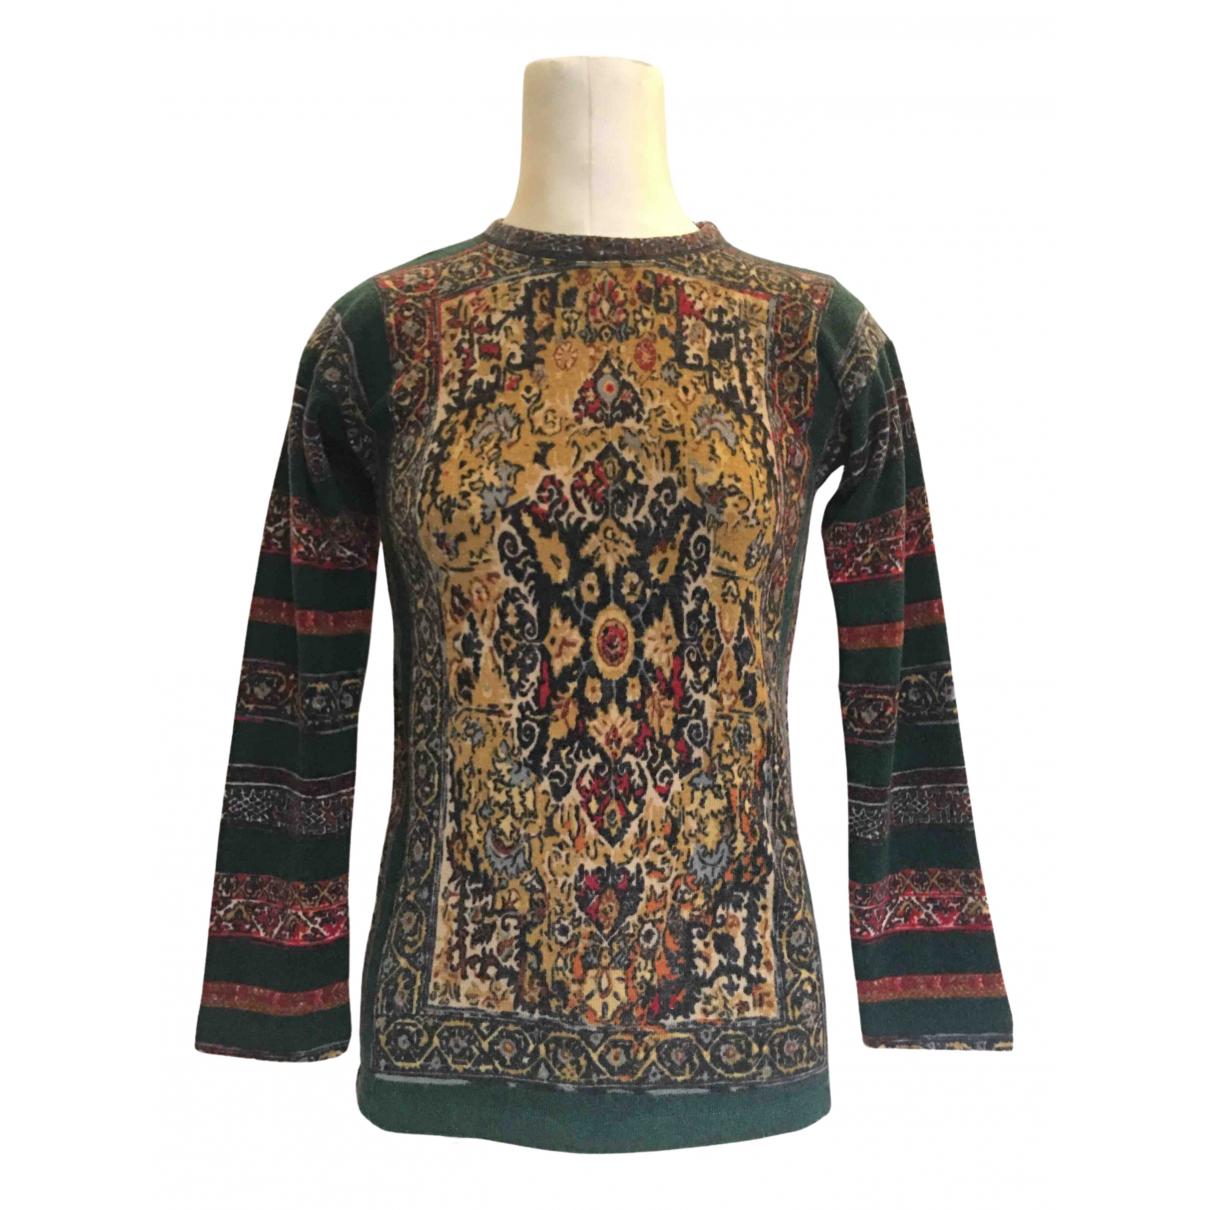 Jean Paul Gaultier - Pull   pour femme en laine - vert